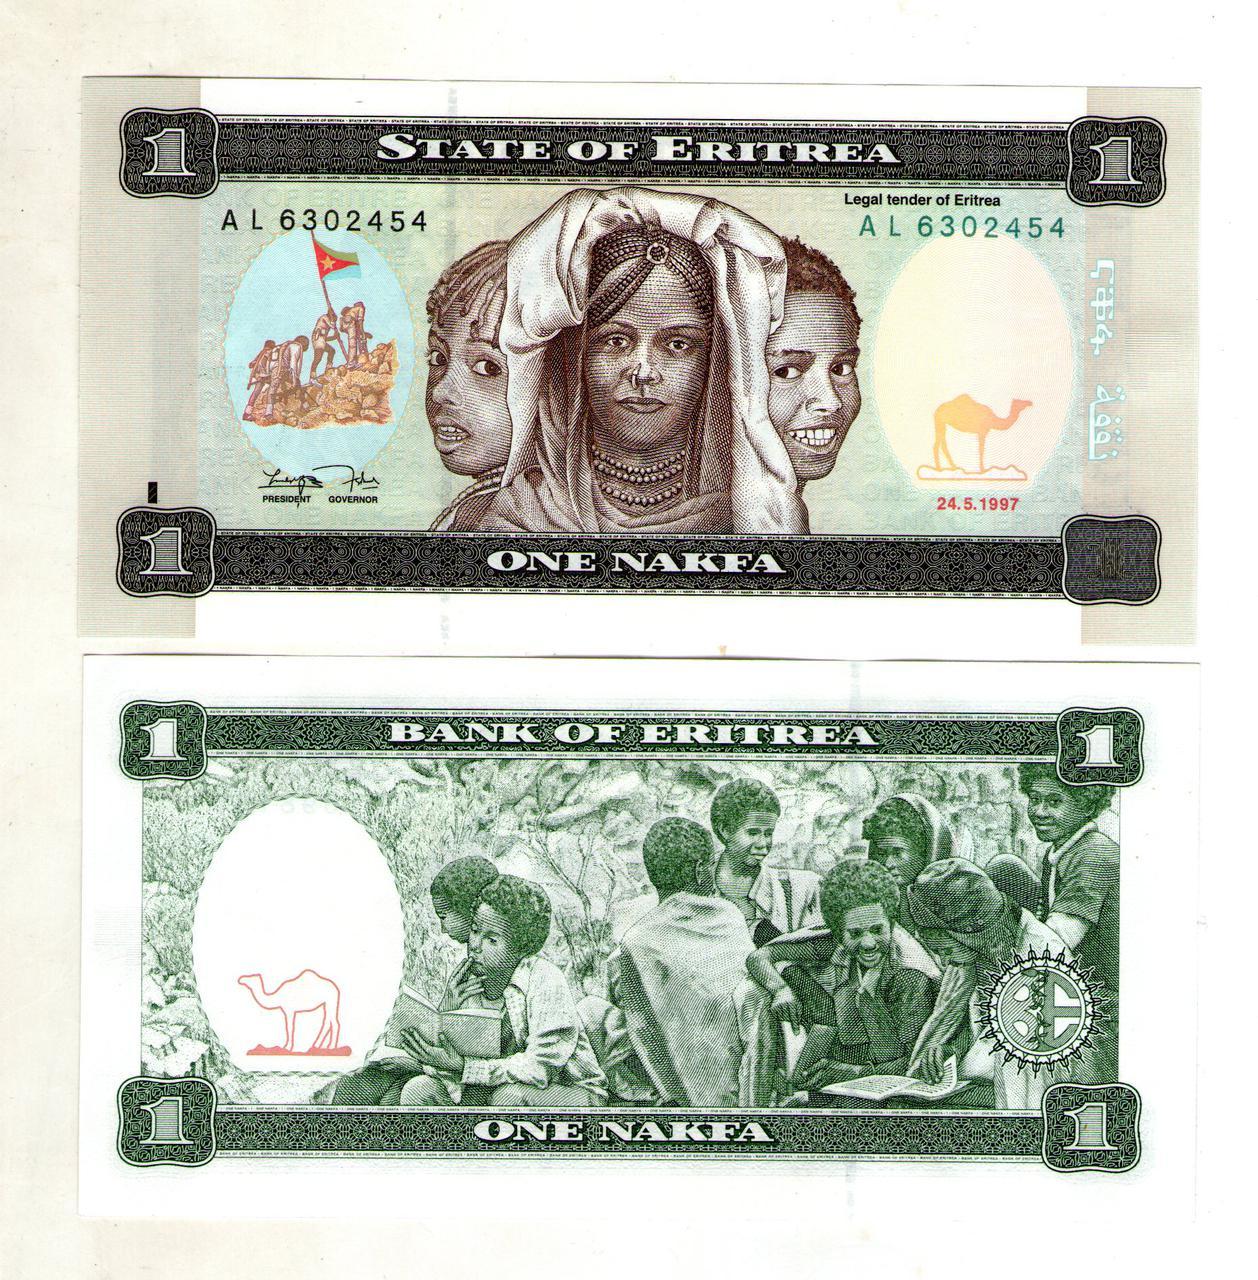 Еритрея 1 накфа 1997 рік стан UNS №96